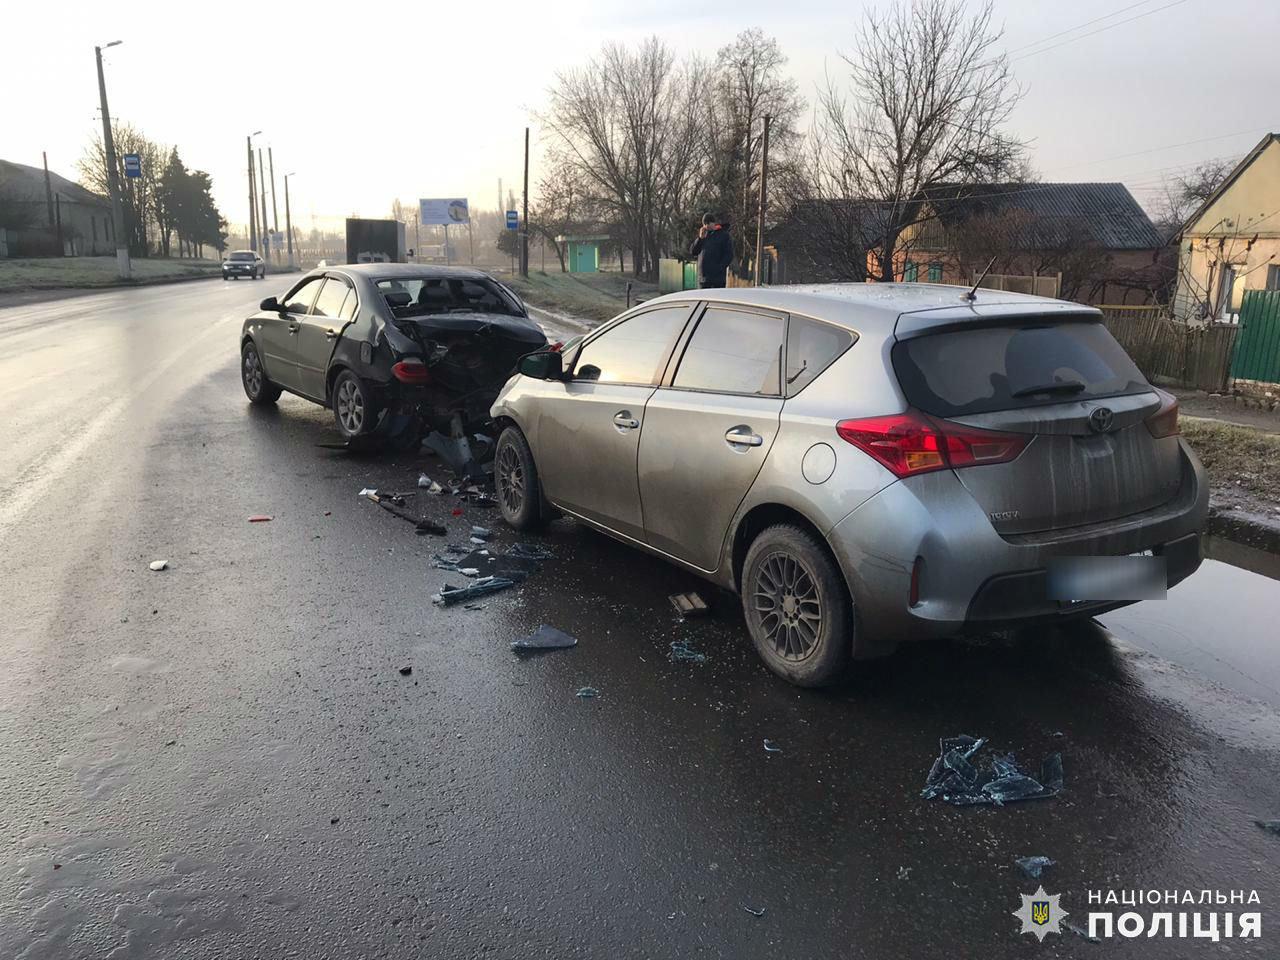 В Дружковке в автомобильной аварии сегодня утром пострадала женщина-водитель (ФОТО), фото-1